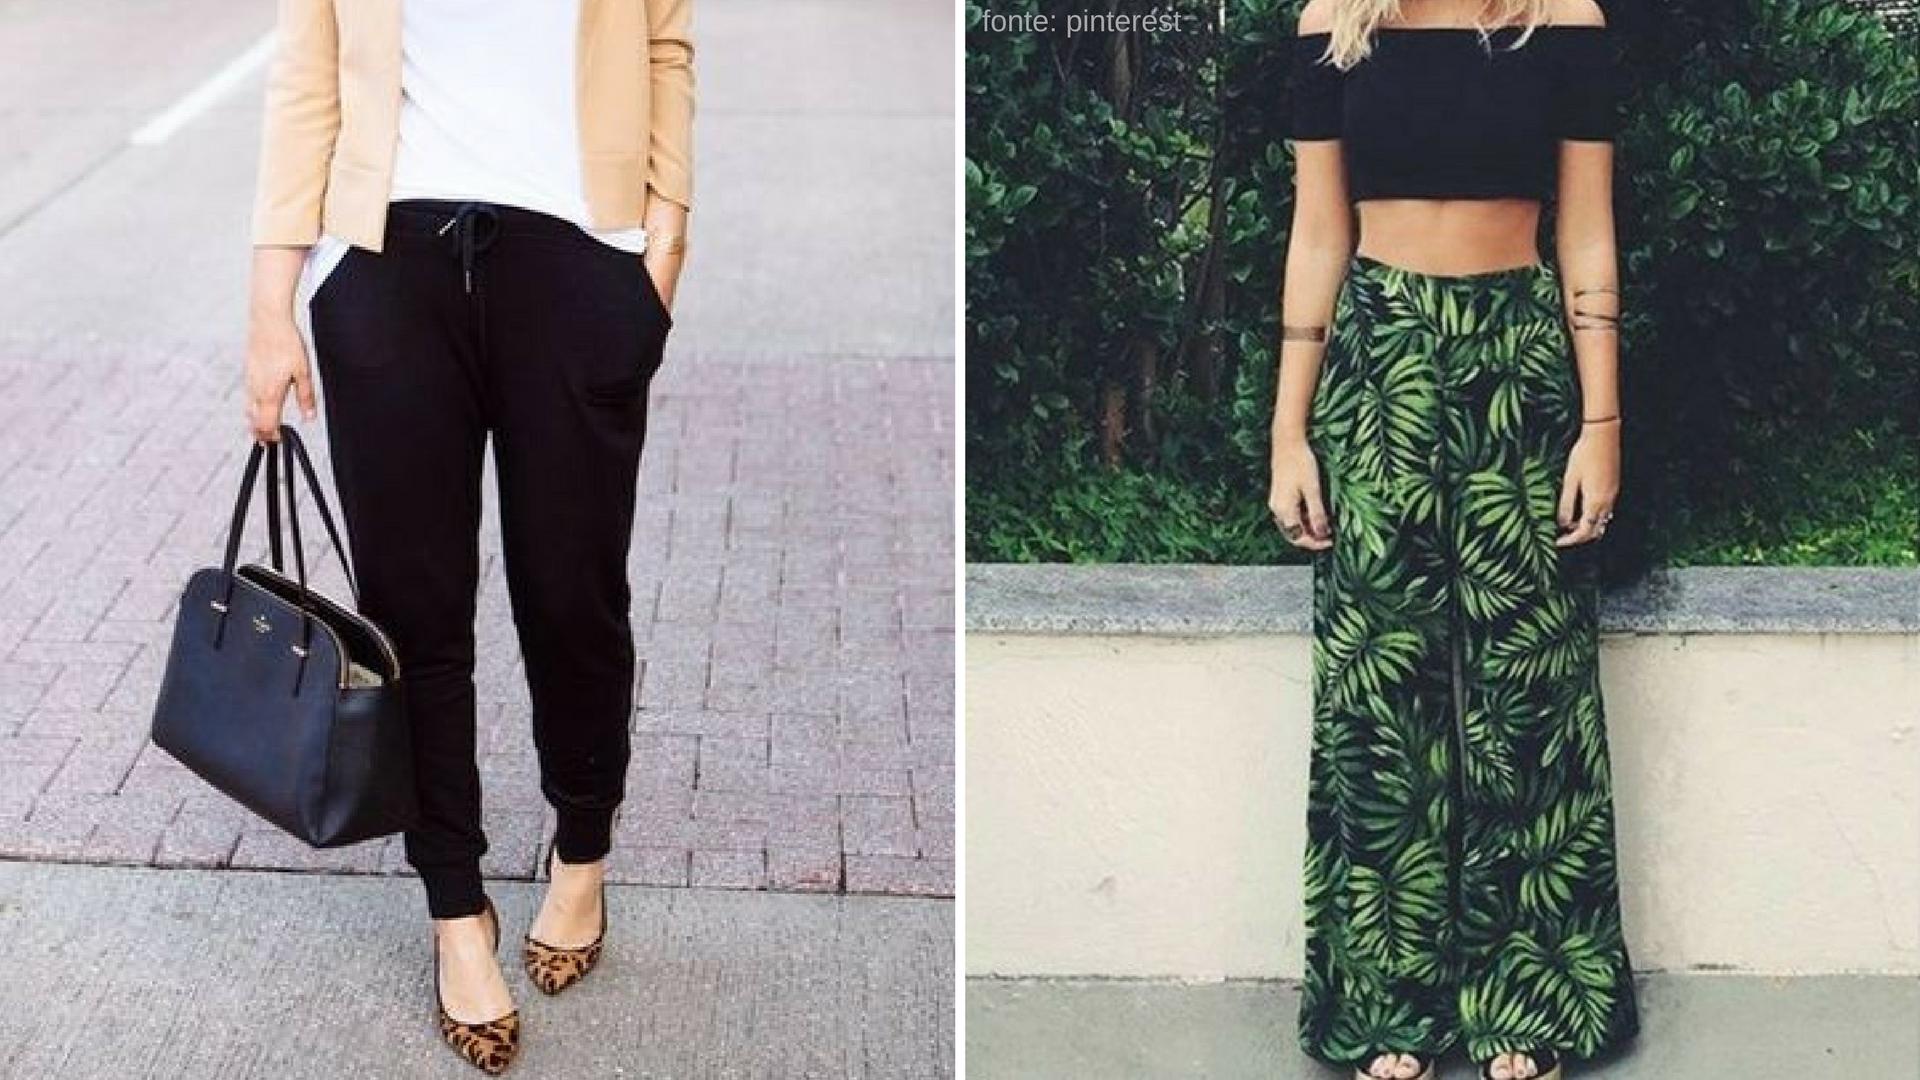 Calças pantalona e jogging são super fresquinhas e bonitas!